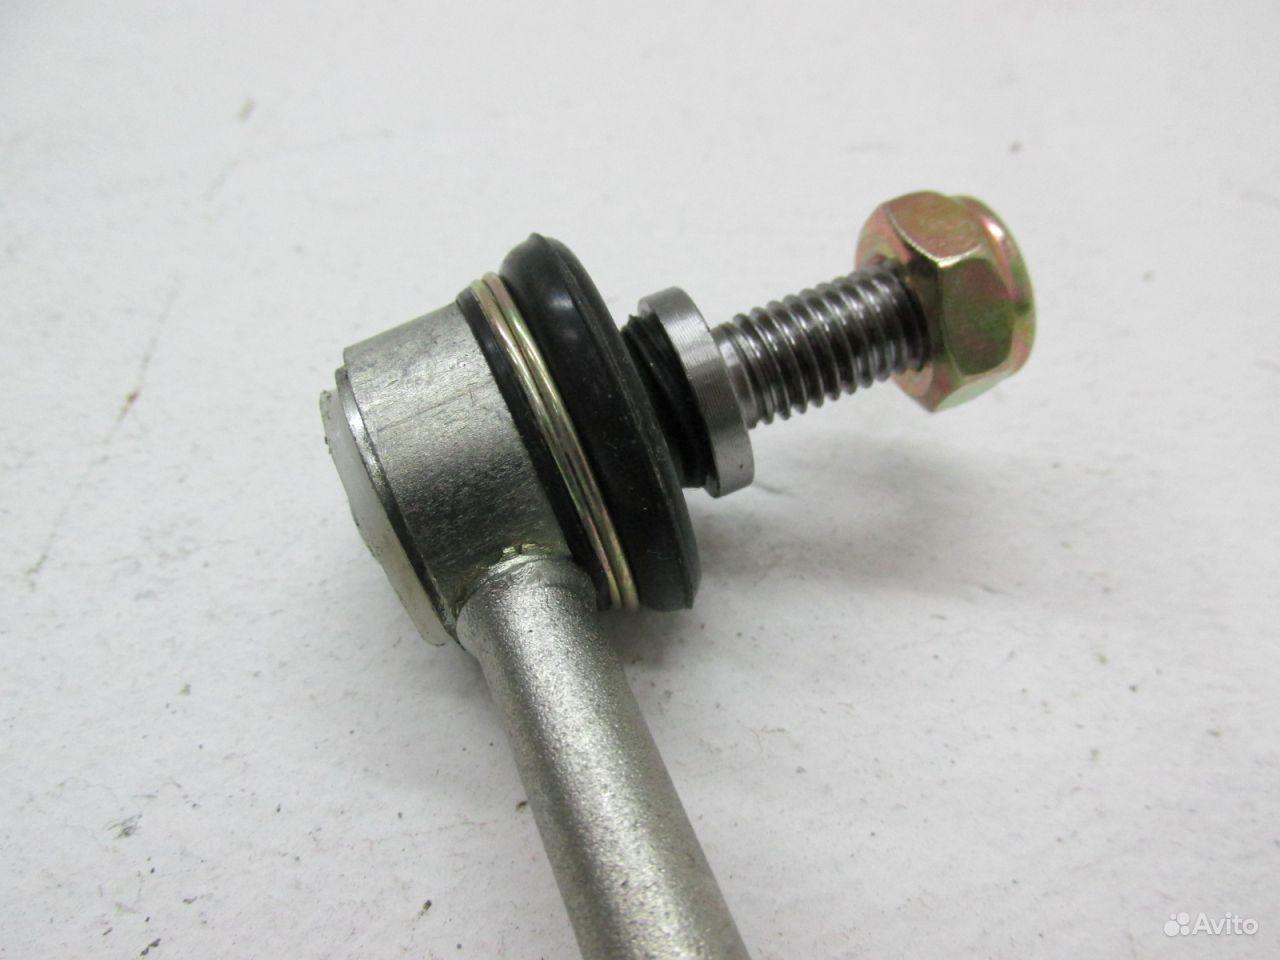 Стойка стабилизатора задней подвески форд фокус 1 11 фотография